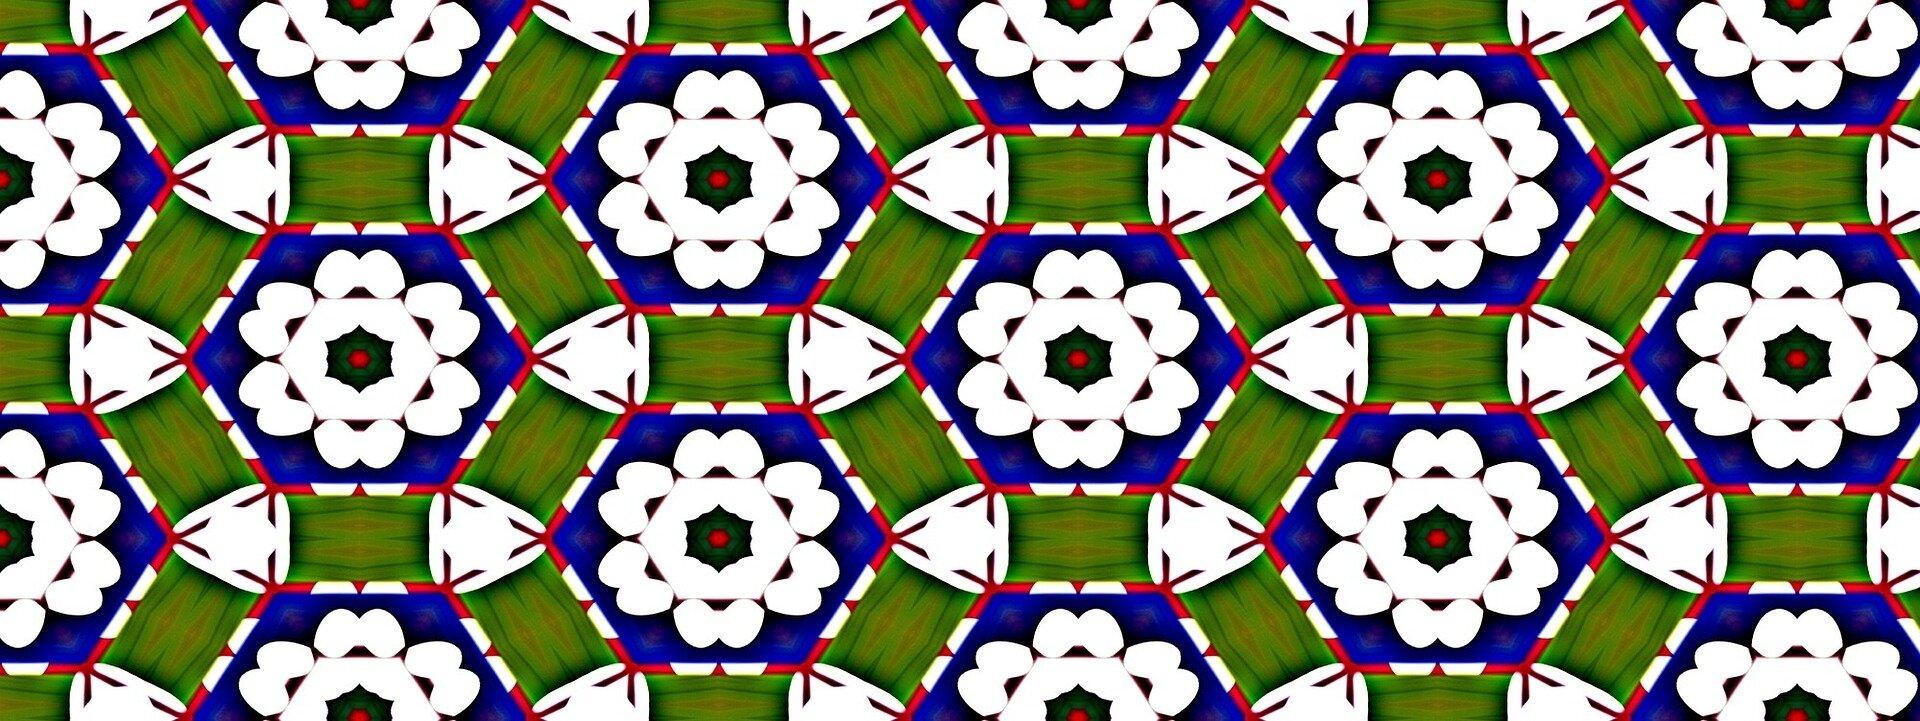 Ilustracja przedstawia kompozycję, do stworzenia której wykorzystano symetryczne, lustrzane odbicia na wzór obrazu kalejdoskopowego. Praca składa się zkilku rodzajów powtarzających się elementów. Największym znich jest granatowy sześciokąt zczerwono-białą obwódką, wktóry wpisany został biały, symetryczny kwiat osześciu płatkach igranatowym środku zczerwoną kropką wcentrum. Na około każdego zgranatowych sześciokątów umieszczone zostały zielone prostokąty, które układają się wkoło. Wszystkie elementy kompozycji powtarzają się tworząc równomierny, symetryczny deseń na podłużnej, horyzontalnej płaszczyźnie obrazu. Praca utrzymana jest wwąskiej, chłodnej, granatowo-zielono-białej gamie barw zakcentami czerwieni.